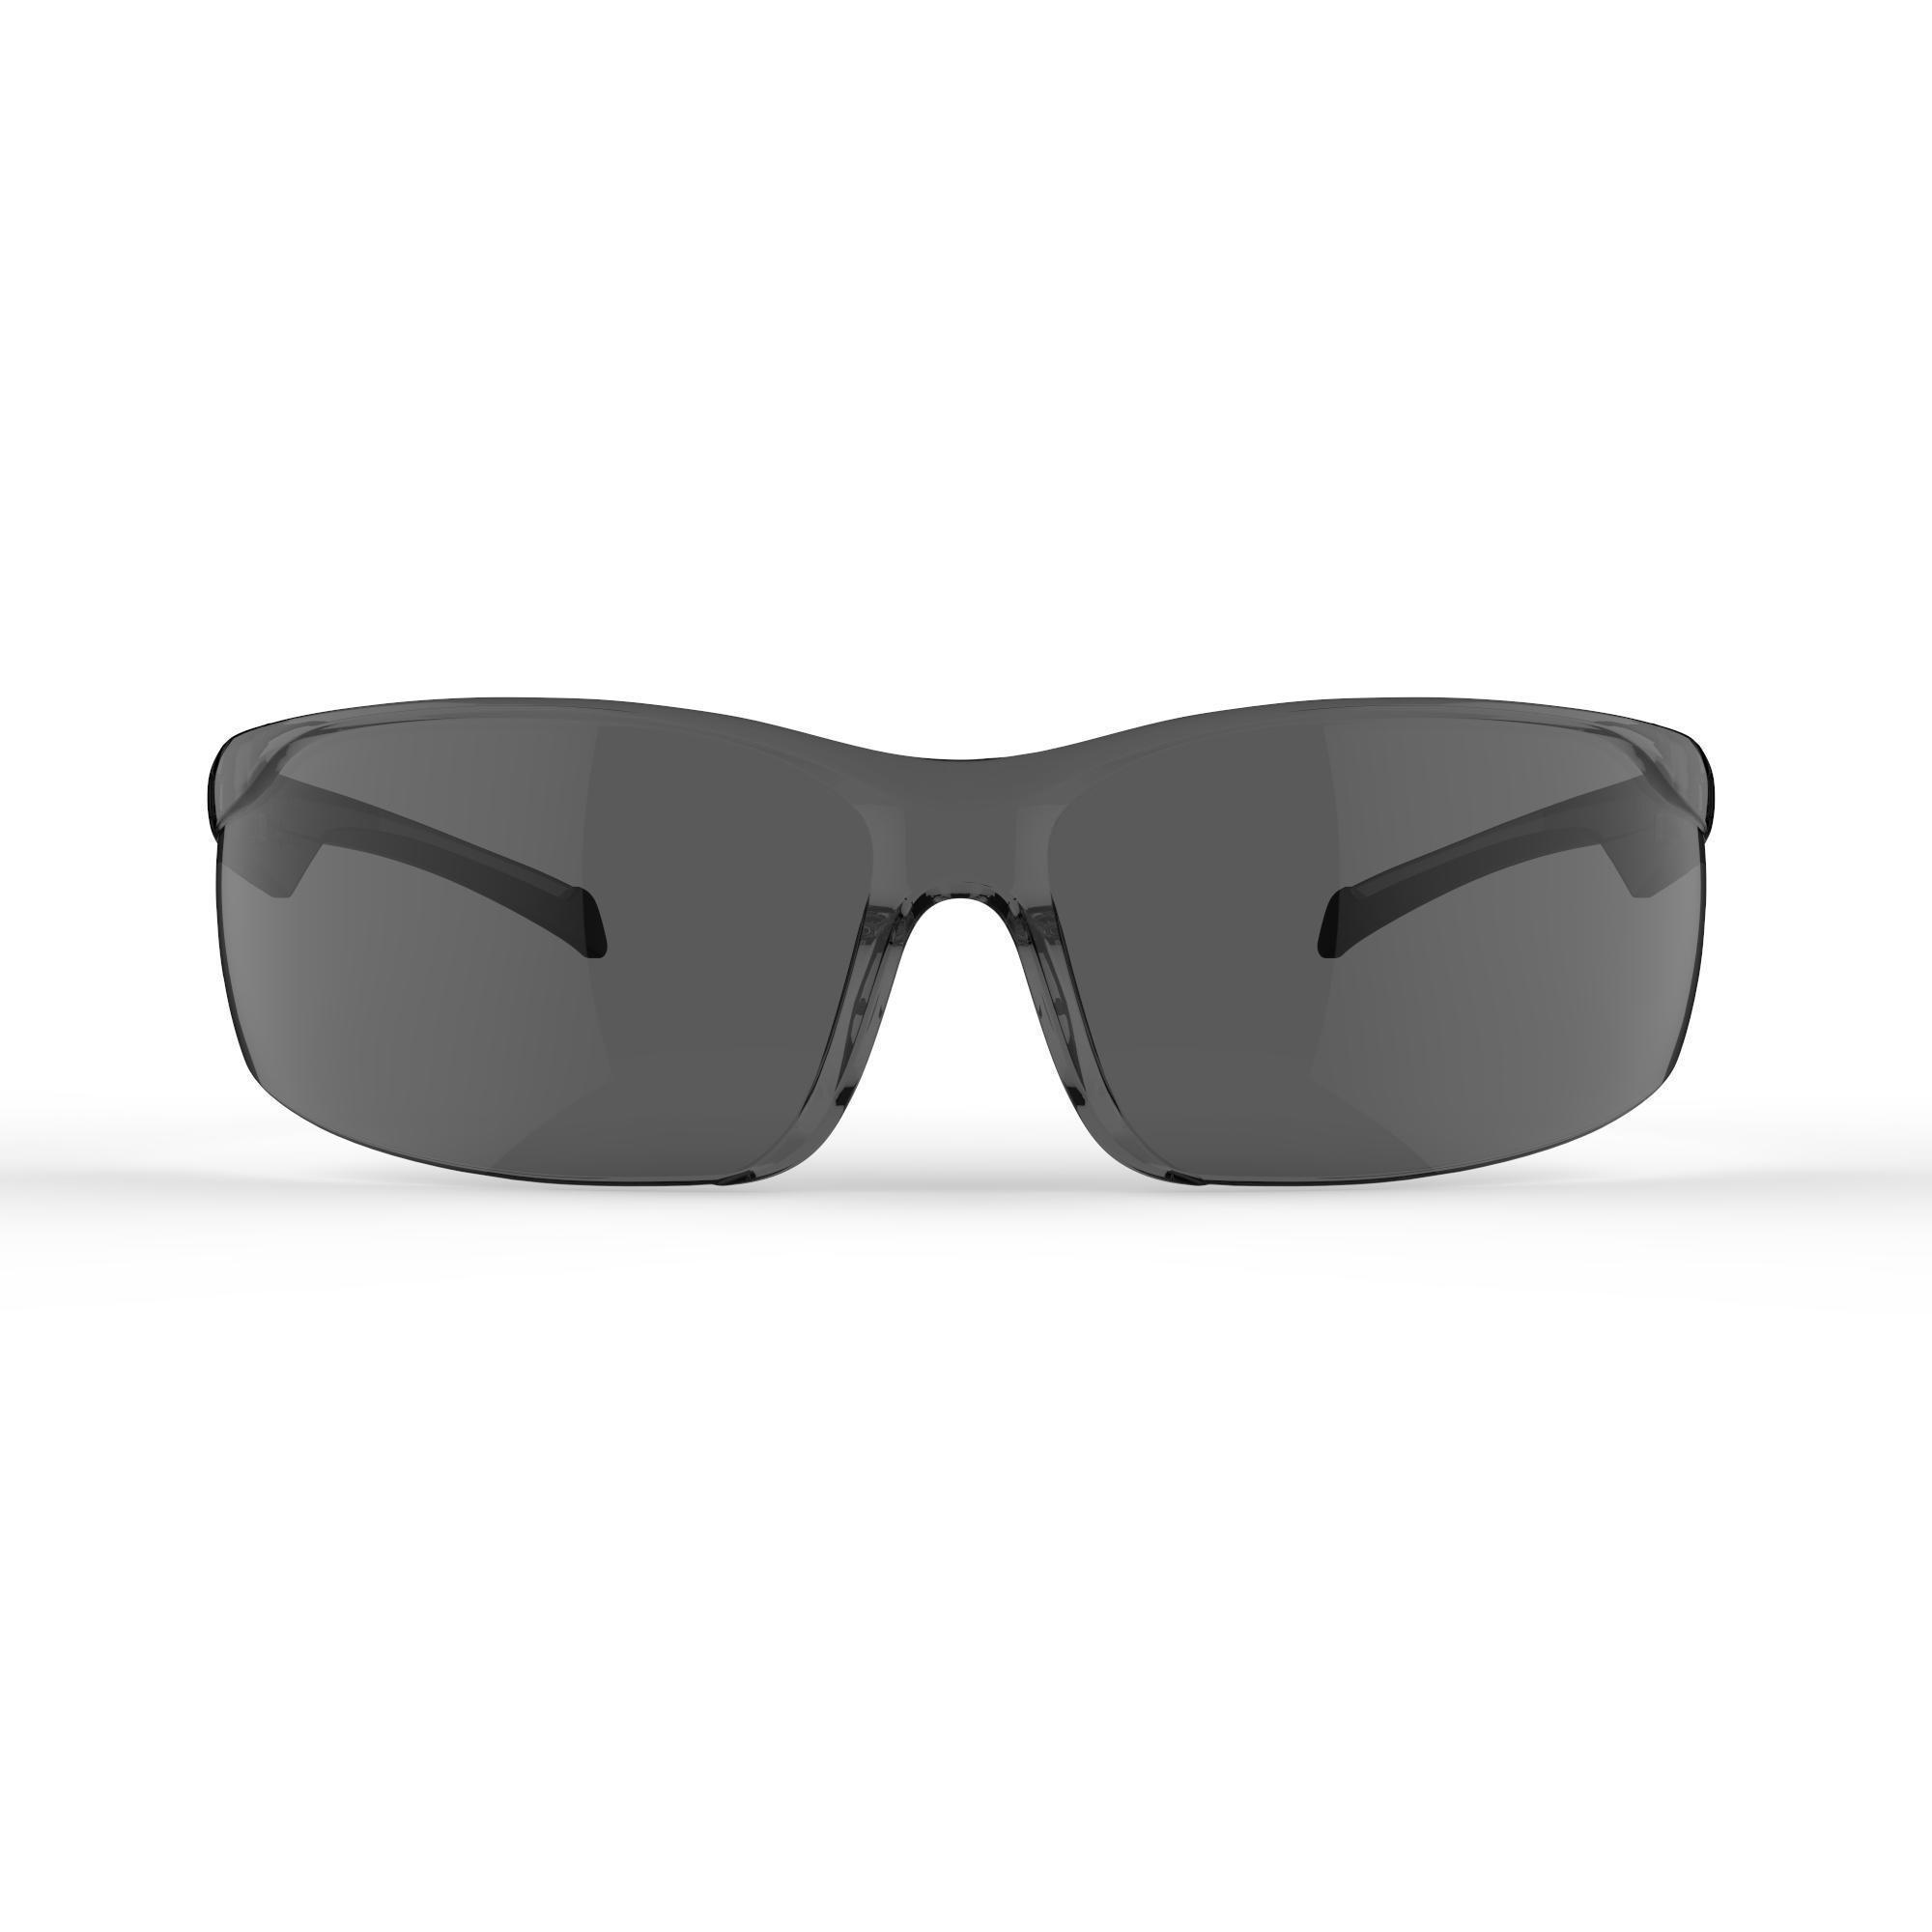 Rockrider Fietsbril voor volwassenen ST 100 categorie 3 kopen? Sport>Sportbrillen>Zonnebrillen met voordeel vind je hier